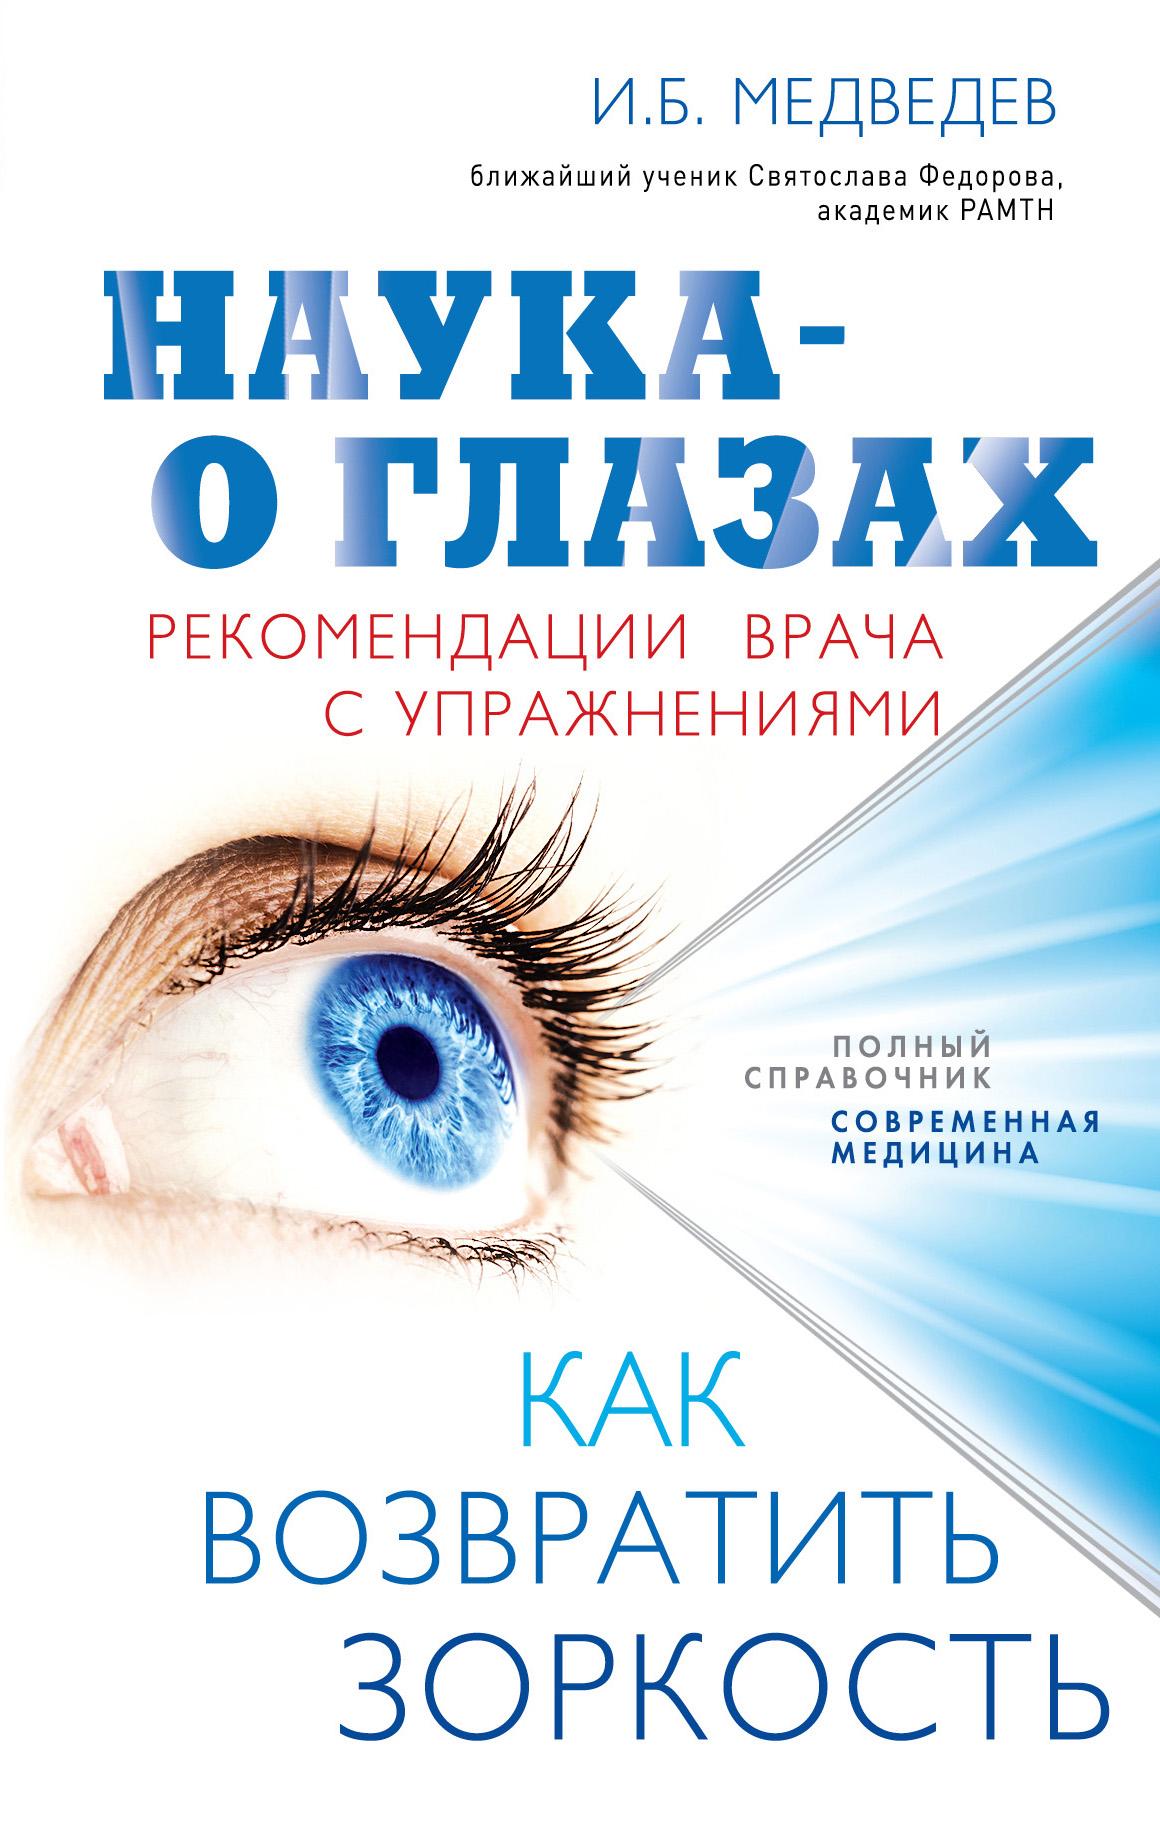 Медведев И.Б. Наука - о глазах: как возвратить зоркость. Рекомендации врача с упражнениями (оформление 2) ISBN: 978-5-699-59337-8